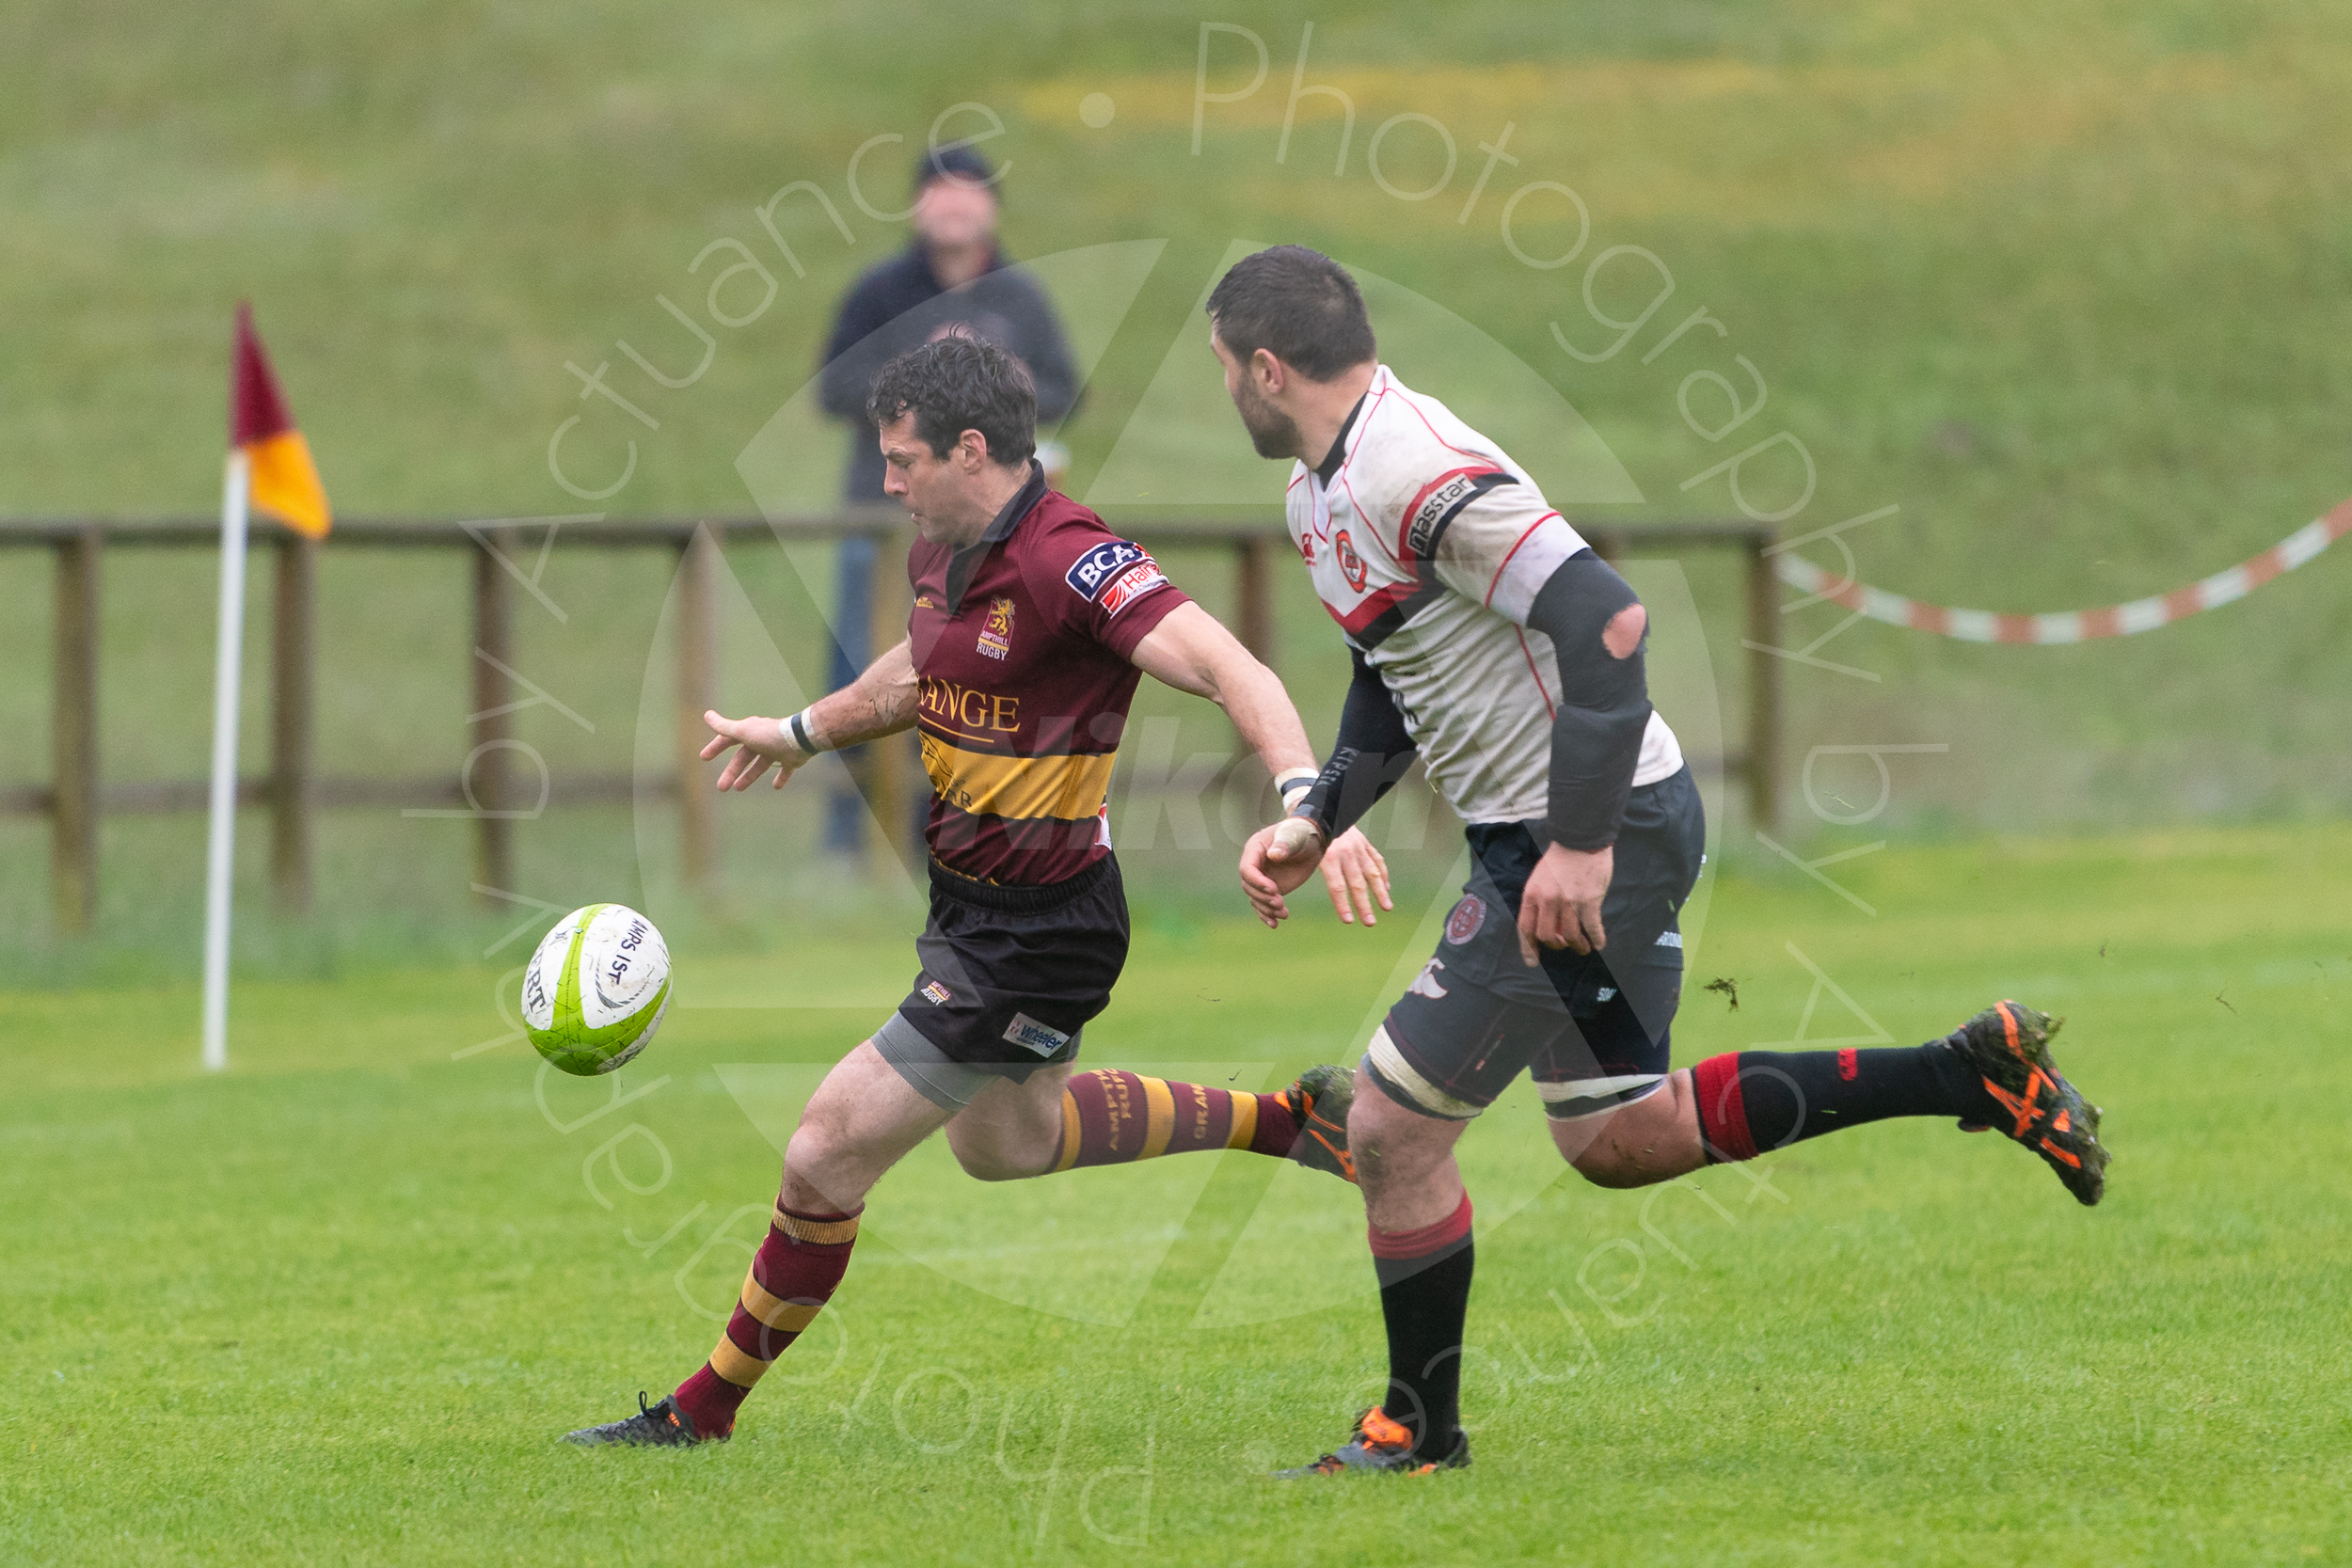 20180428 Ampthill 1st XV vs Moseley #9587